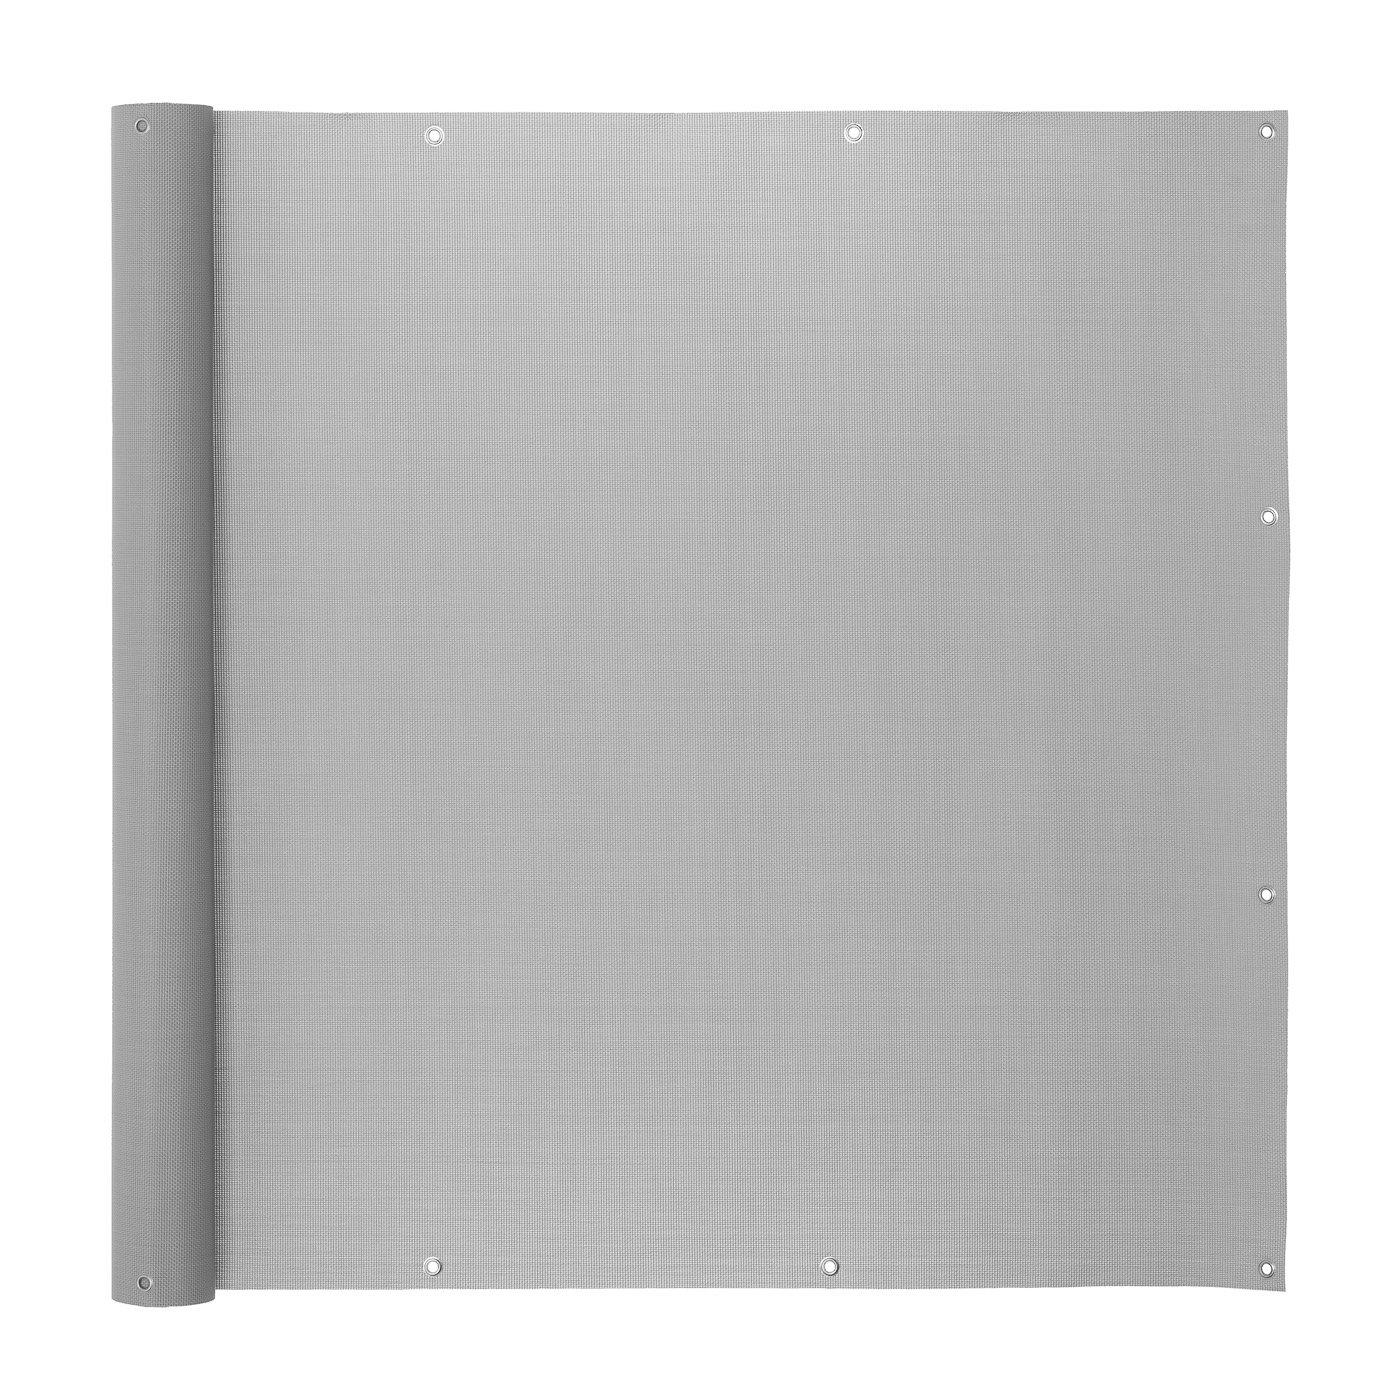 Balcony covering, privacy protection, windproof, Ventanara® Ventanara®